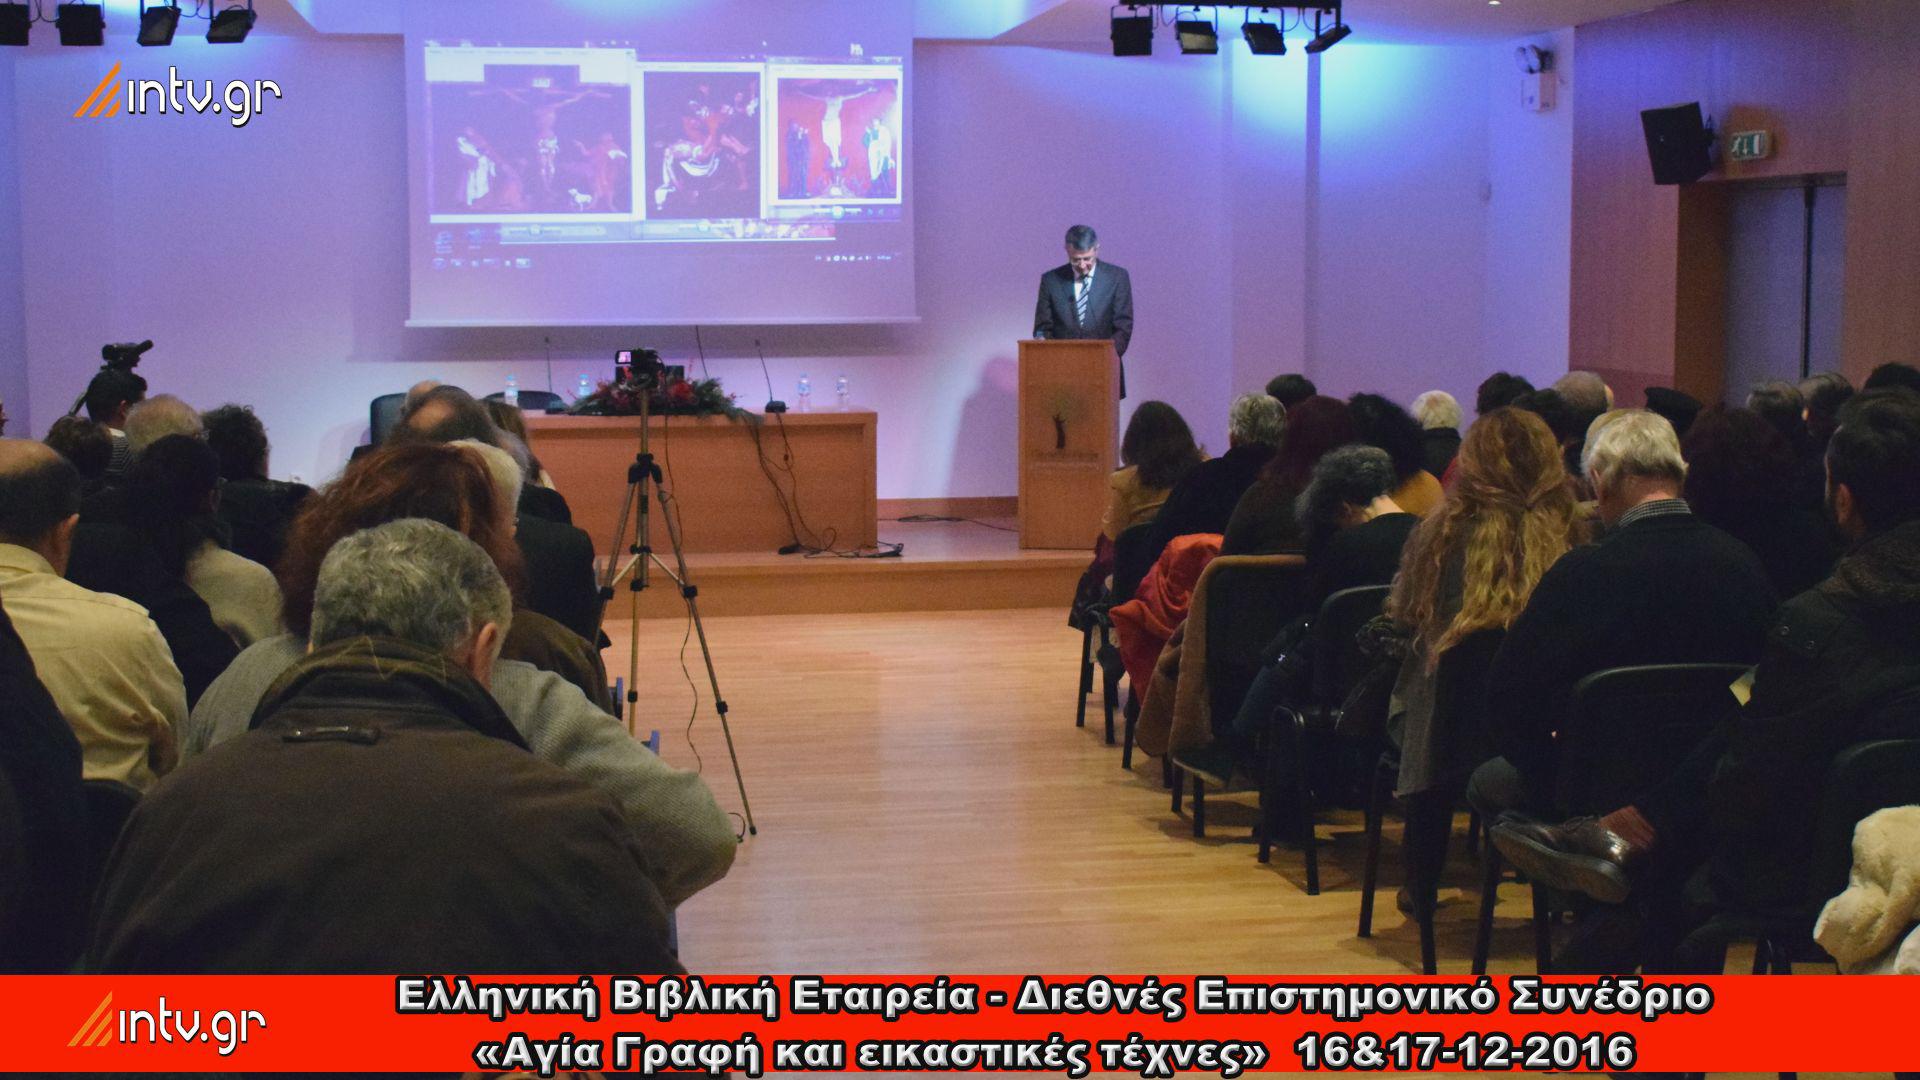 Ελληνική Βιβλική Εταιρεία - Διεθνές Επιστημονικό Συνέδριο «Αγία Γραφή και εικαστικές τέχνες»